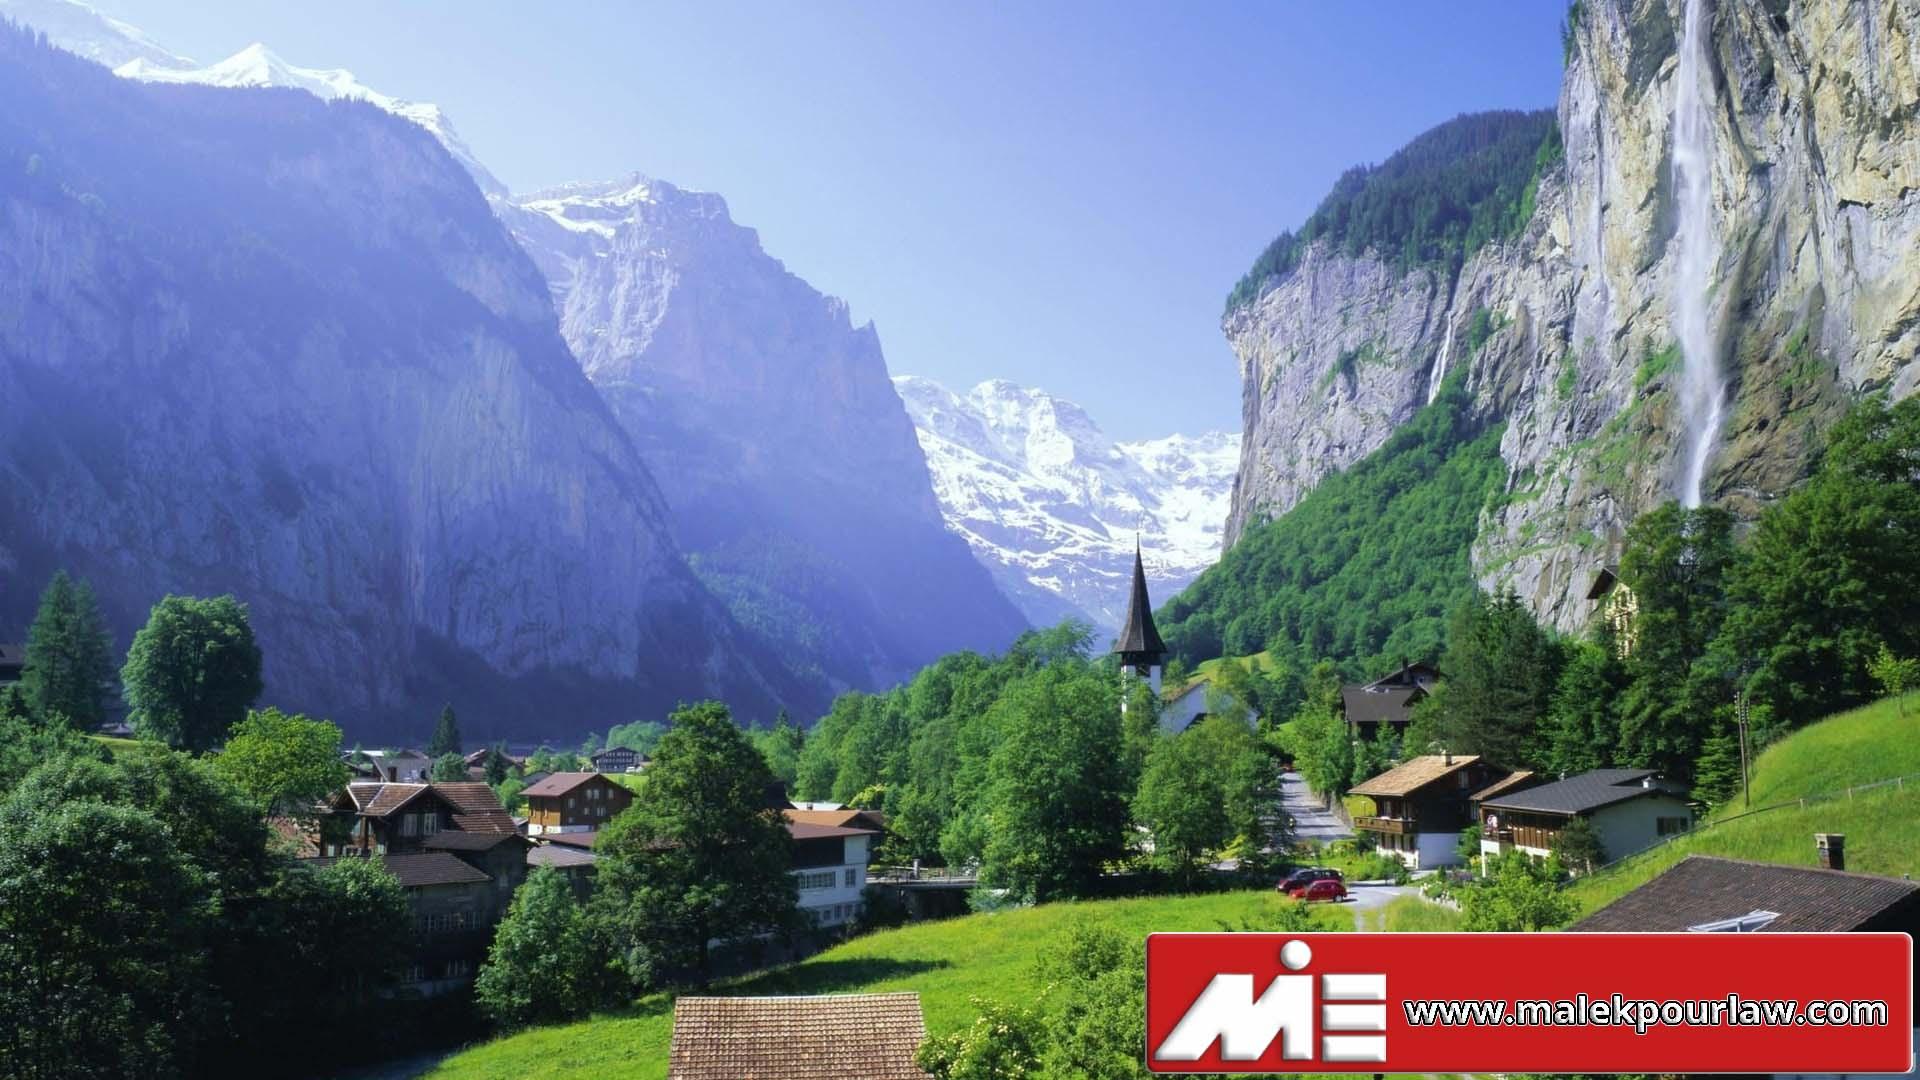 اخذ اقامت کاری سوئیس - کشور سوئیس - سوئیس کجاست - کار در سوئیس